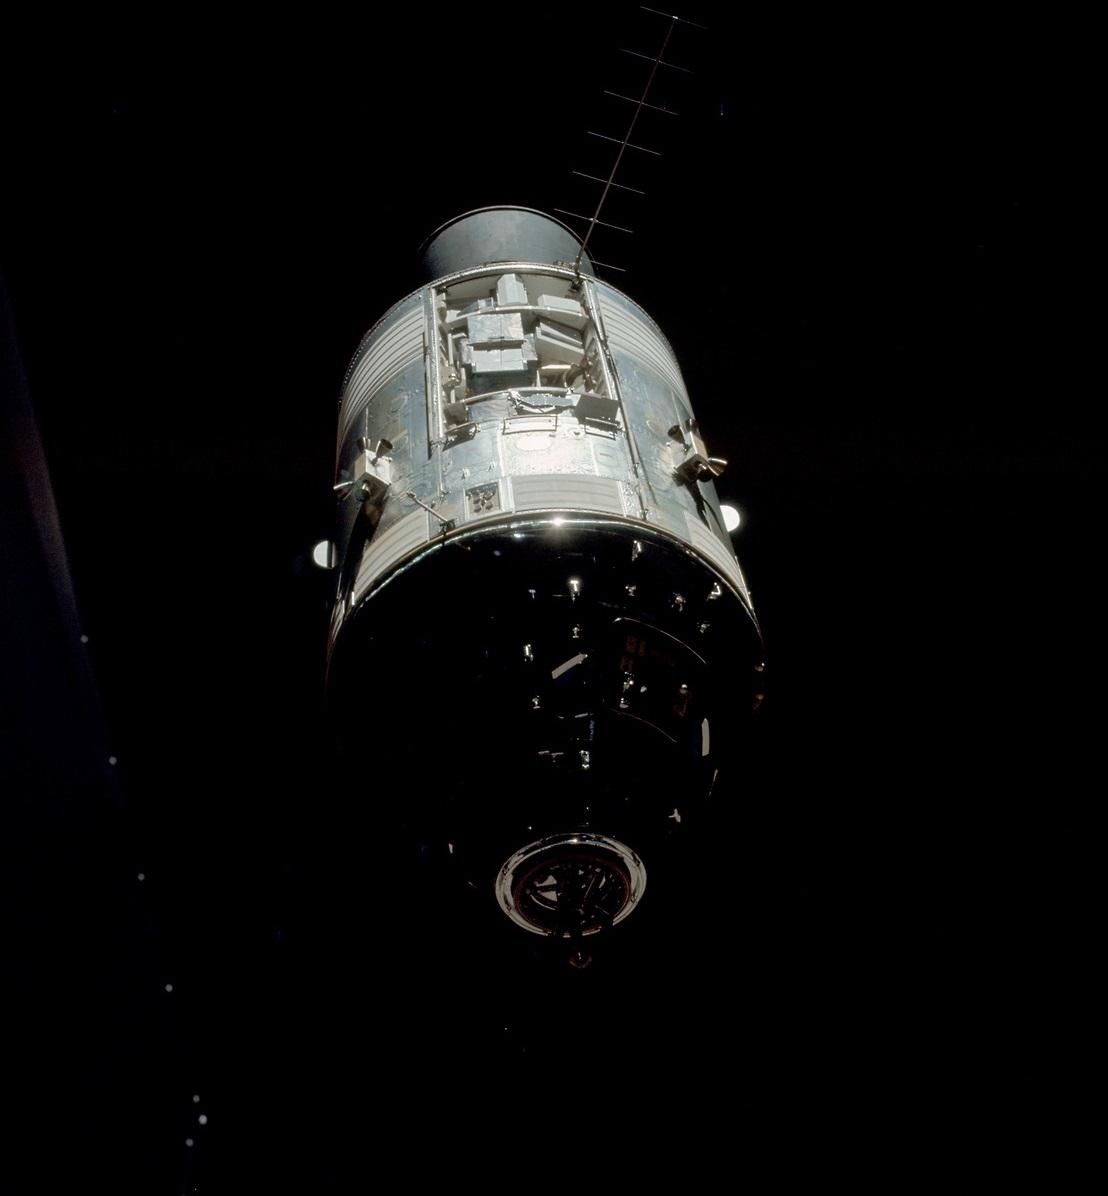 space race apollo